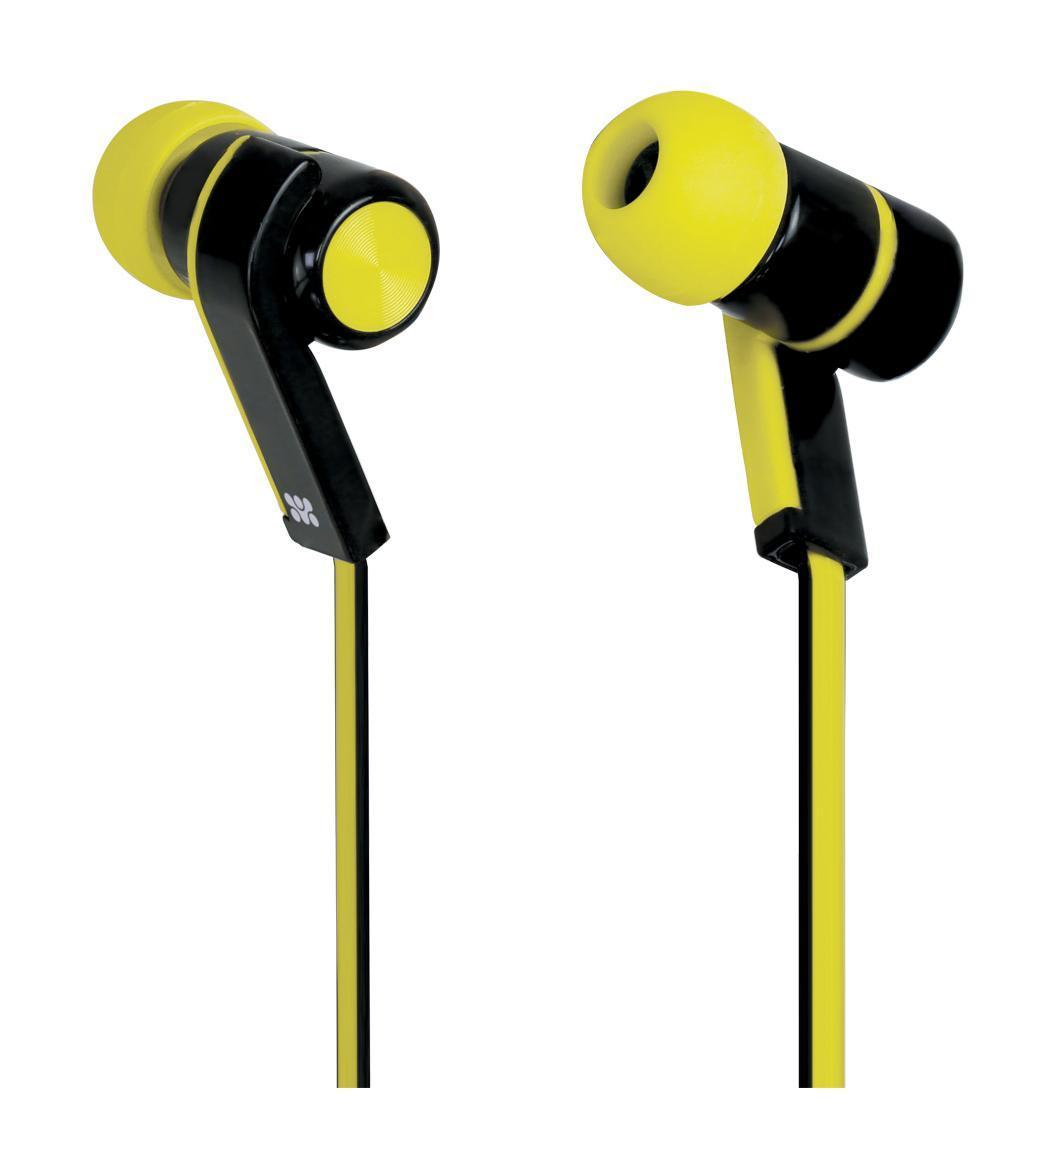 Promate Brazen, Yellow наушники00007767Если речь заходит о музыке, в голову сразу приходят мысли о гарнитуре, с помощью которой можно прослушать любимые песни. Очень важно, чтобы эта гарнитура была как можно более качественной и стильной, ведь именно эти два качества являются определяющими при покупке любых наушников. Такие свойства более чем ярко выражены в наушниках для телефона и планшета Brazen. Эта гарнитура оснащена еще и микрофоном и кнопками управления вызовами, так что общаться теперь на много легче и приятнее. Эти наушники проводные – полтора метра, которые связывают Вас с миром музыки.